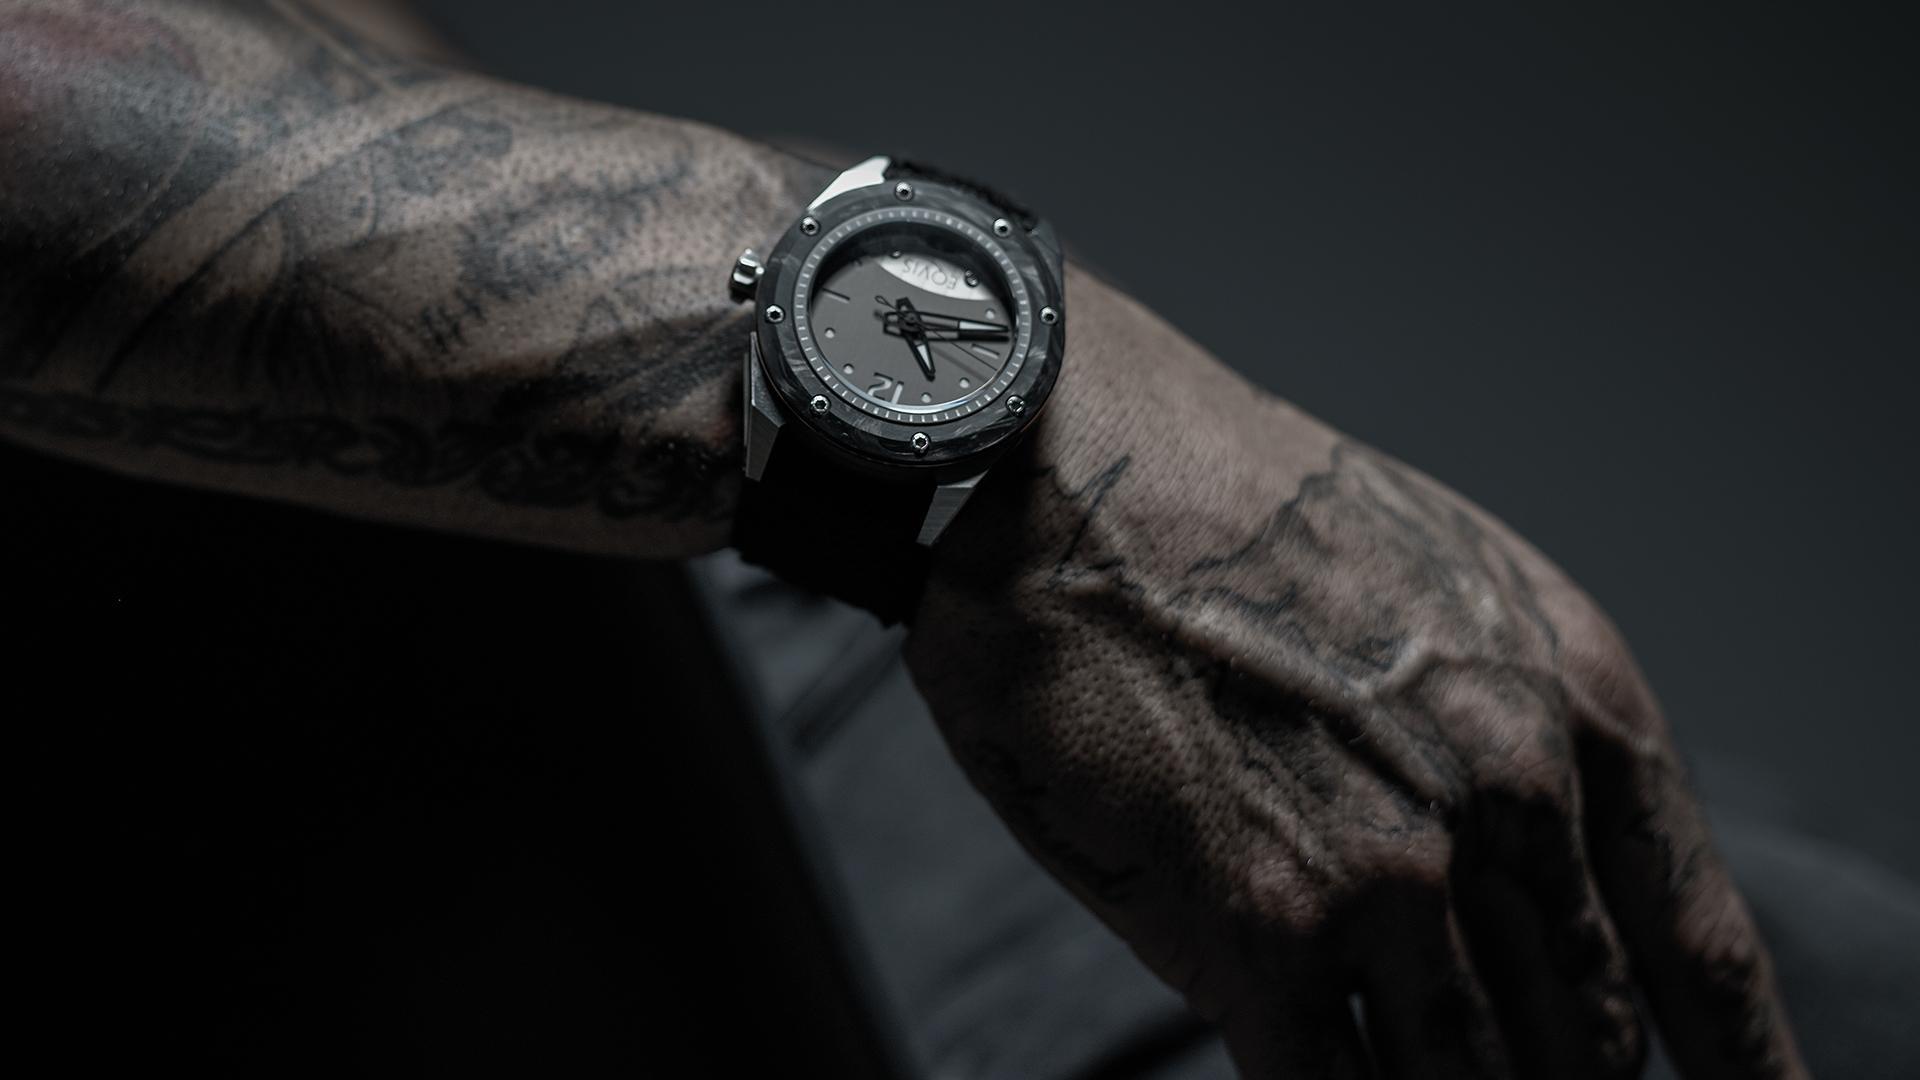 Eqvis Varius Swiss watch brand